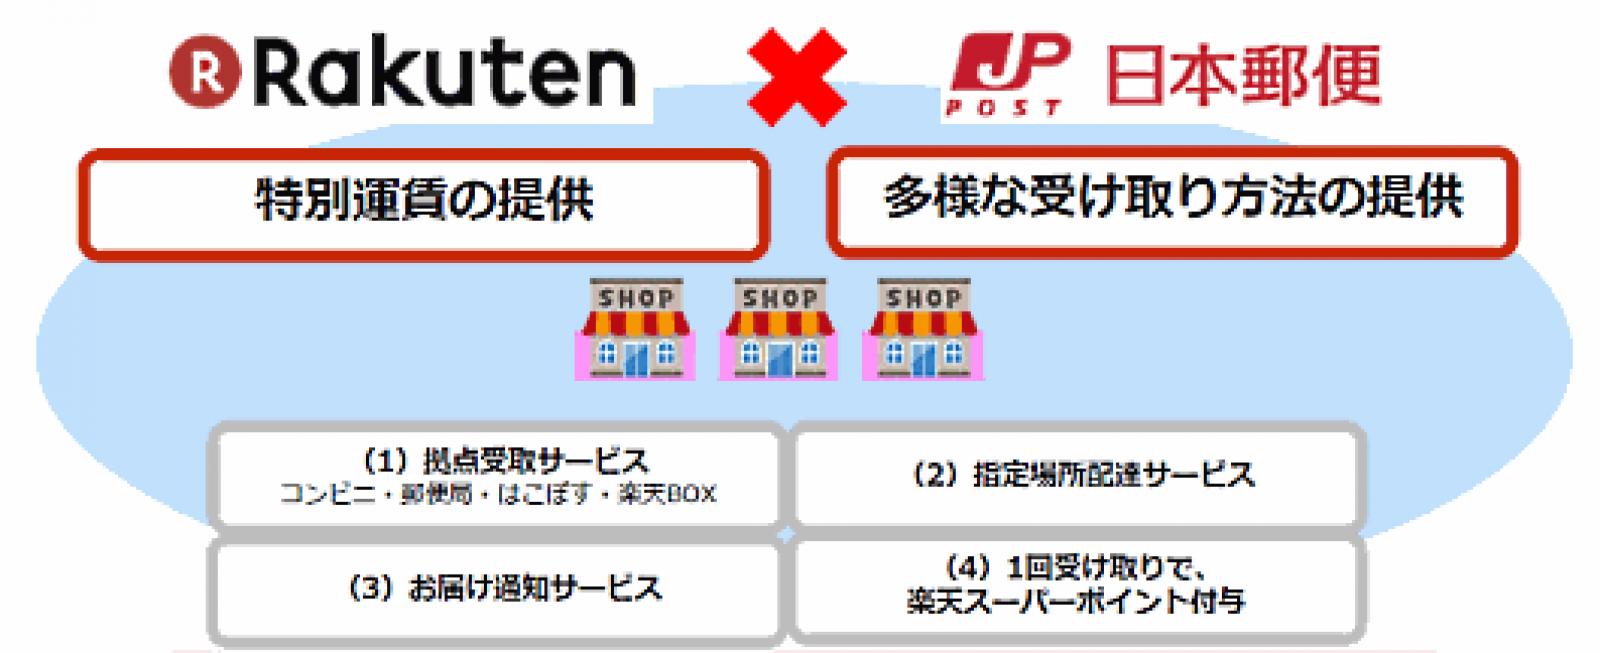 配達 再 日本 郵便